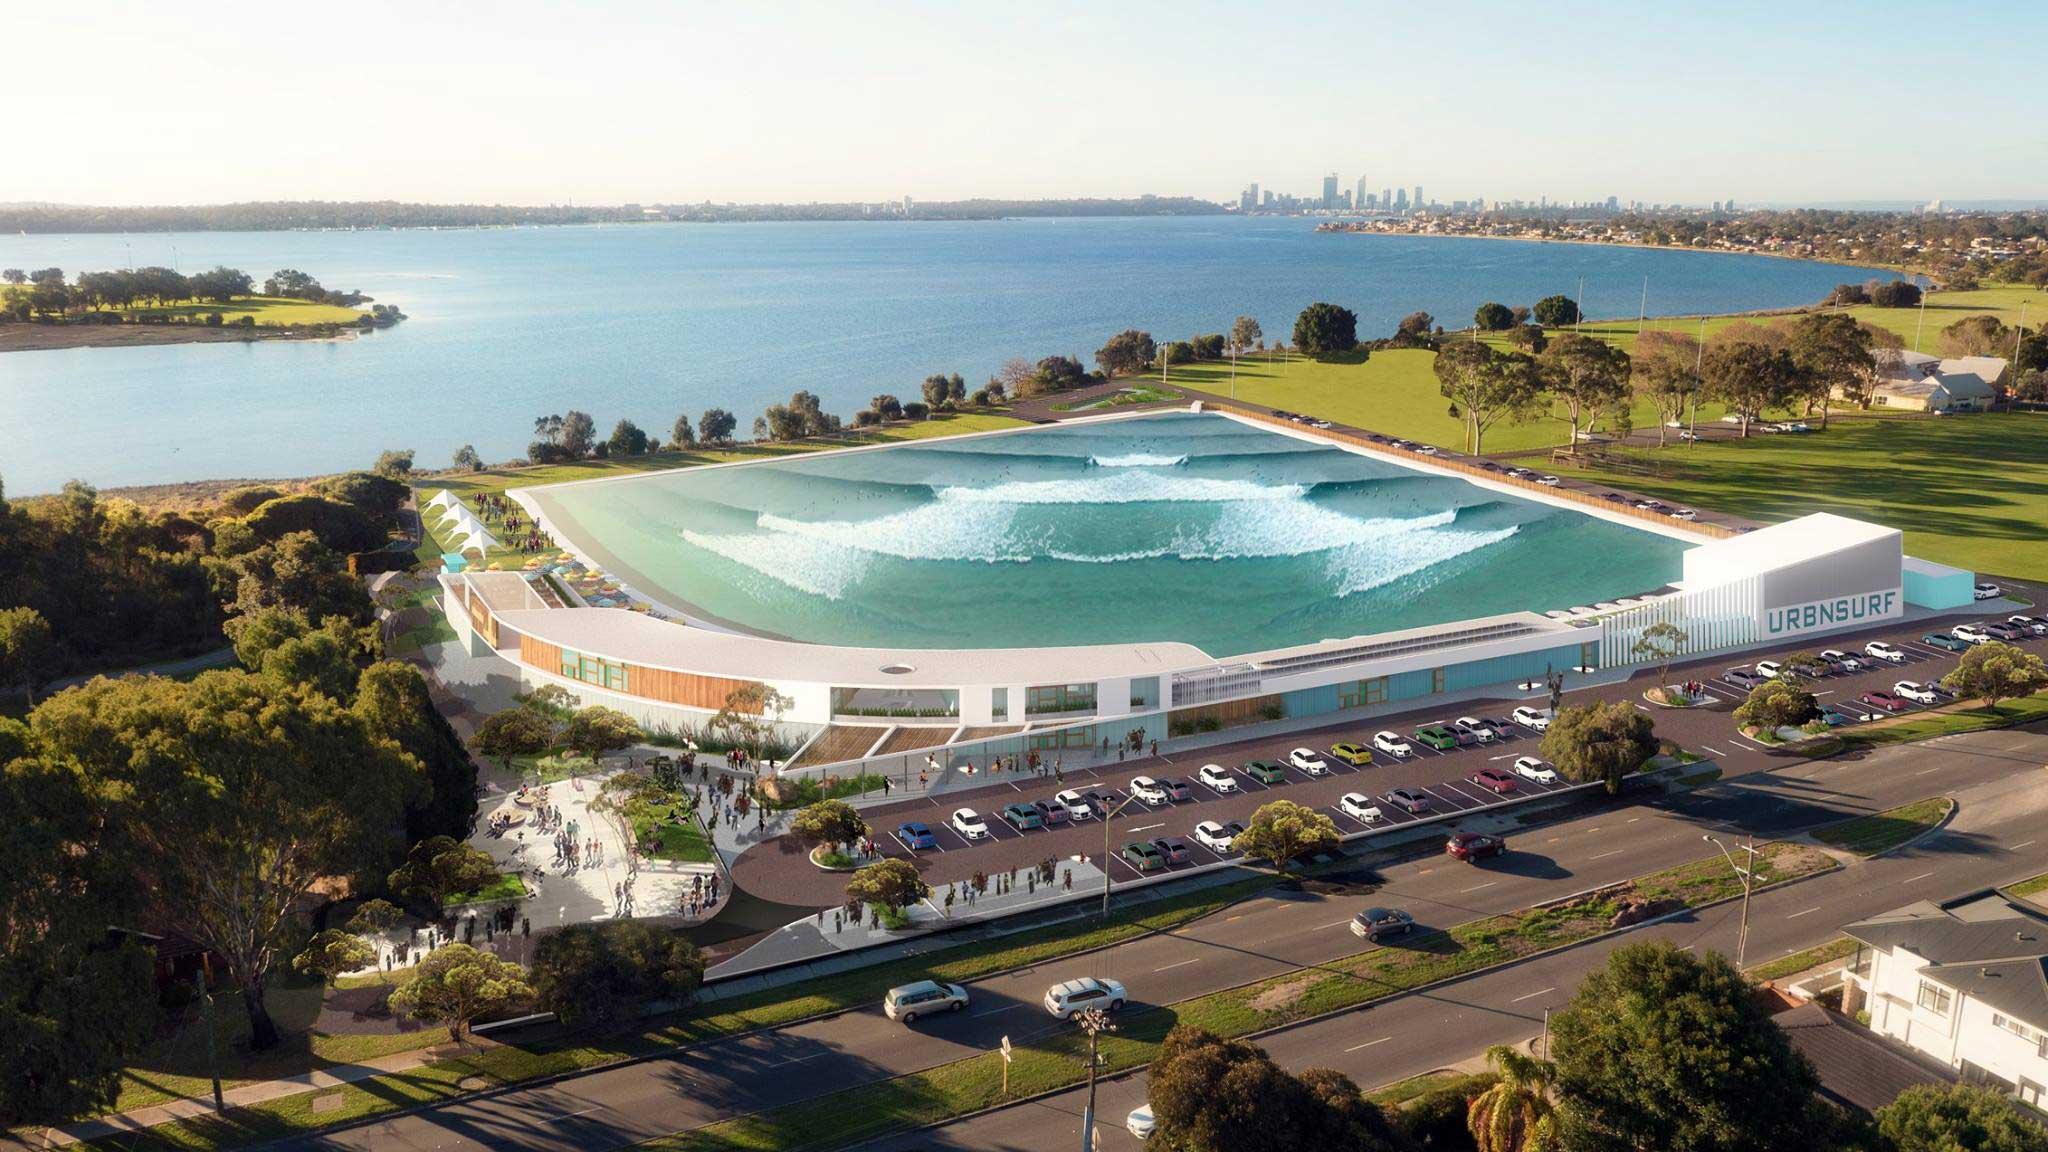 Gleich drei Wavepools idn in Australien geplant: in Sydney, Melbourne und Perth. Es gibt wohl auch schon eine fertige Testversion von The Cove irgendwo in Spanien. Angeblich waren die australischen Pros Julian Wilson und Josh Kerr auch schon dort.